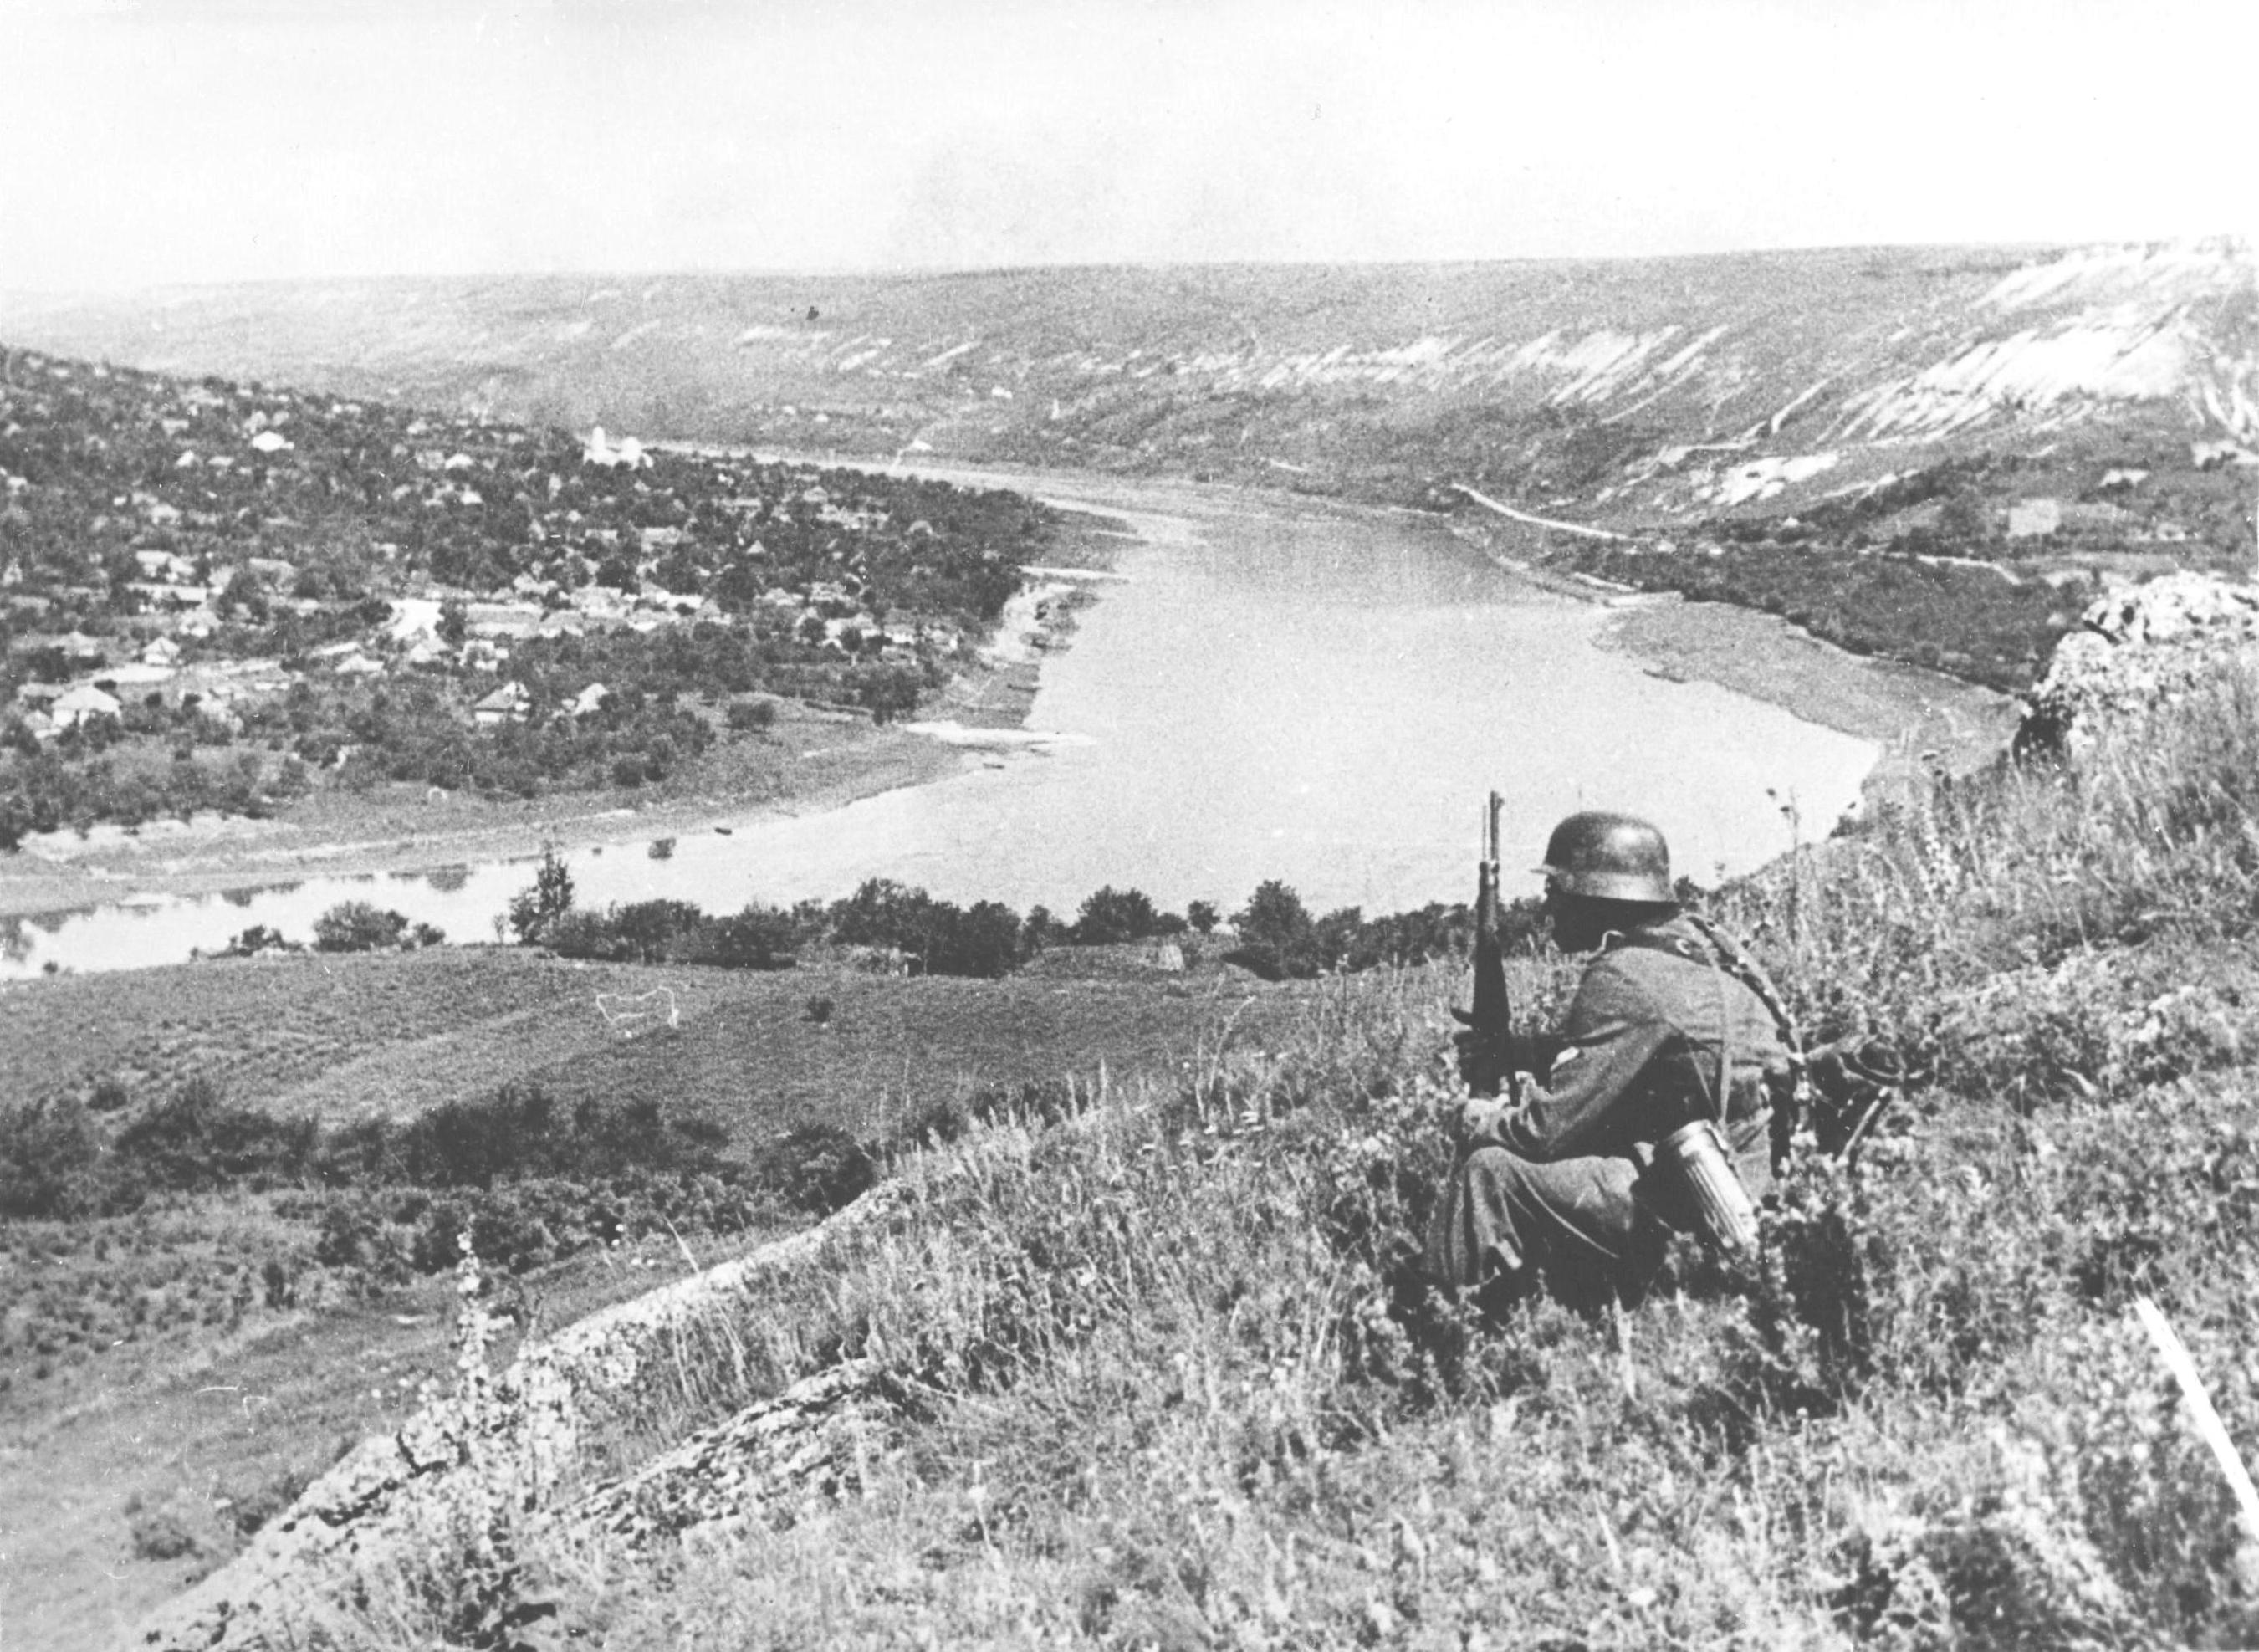 Немецкий солдат над Днестром на южной окраине села Бронница Могилёв-Подольского района